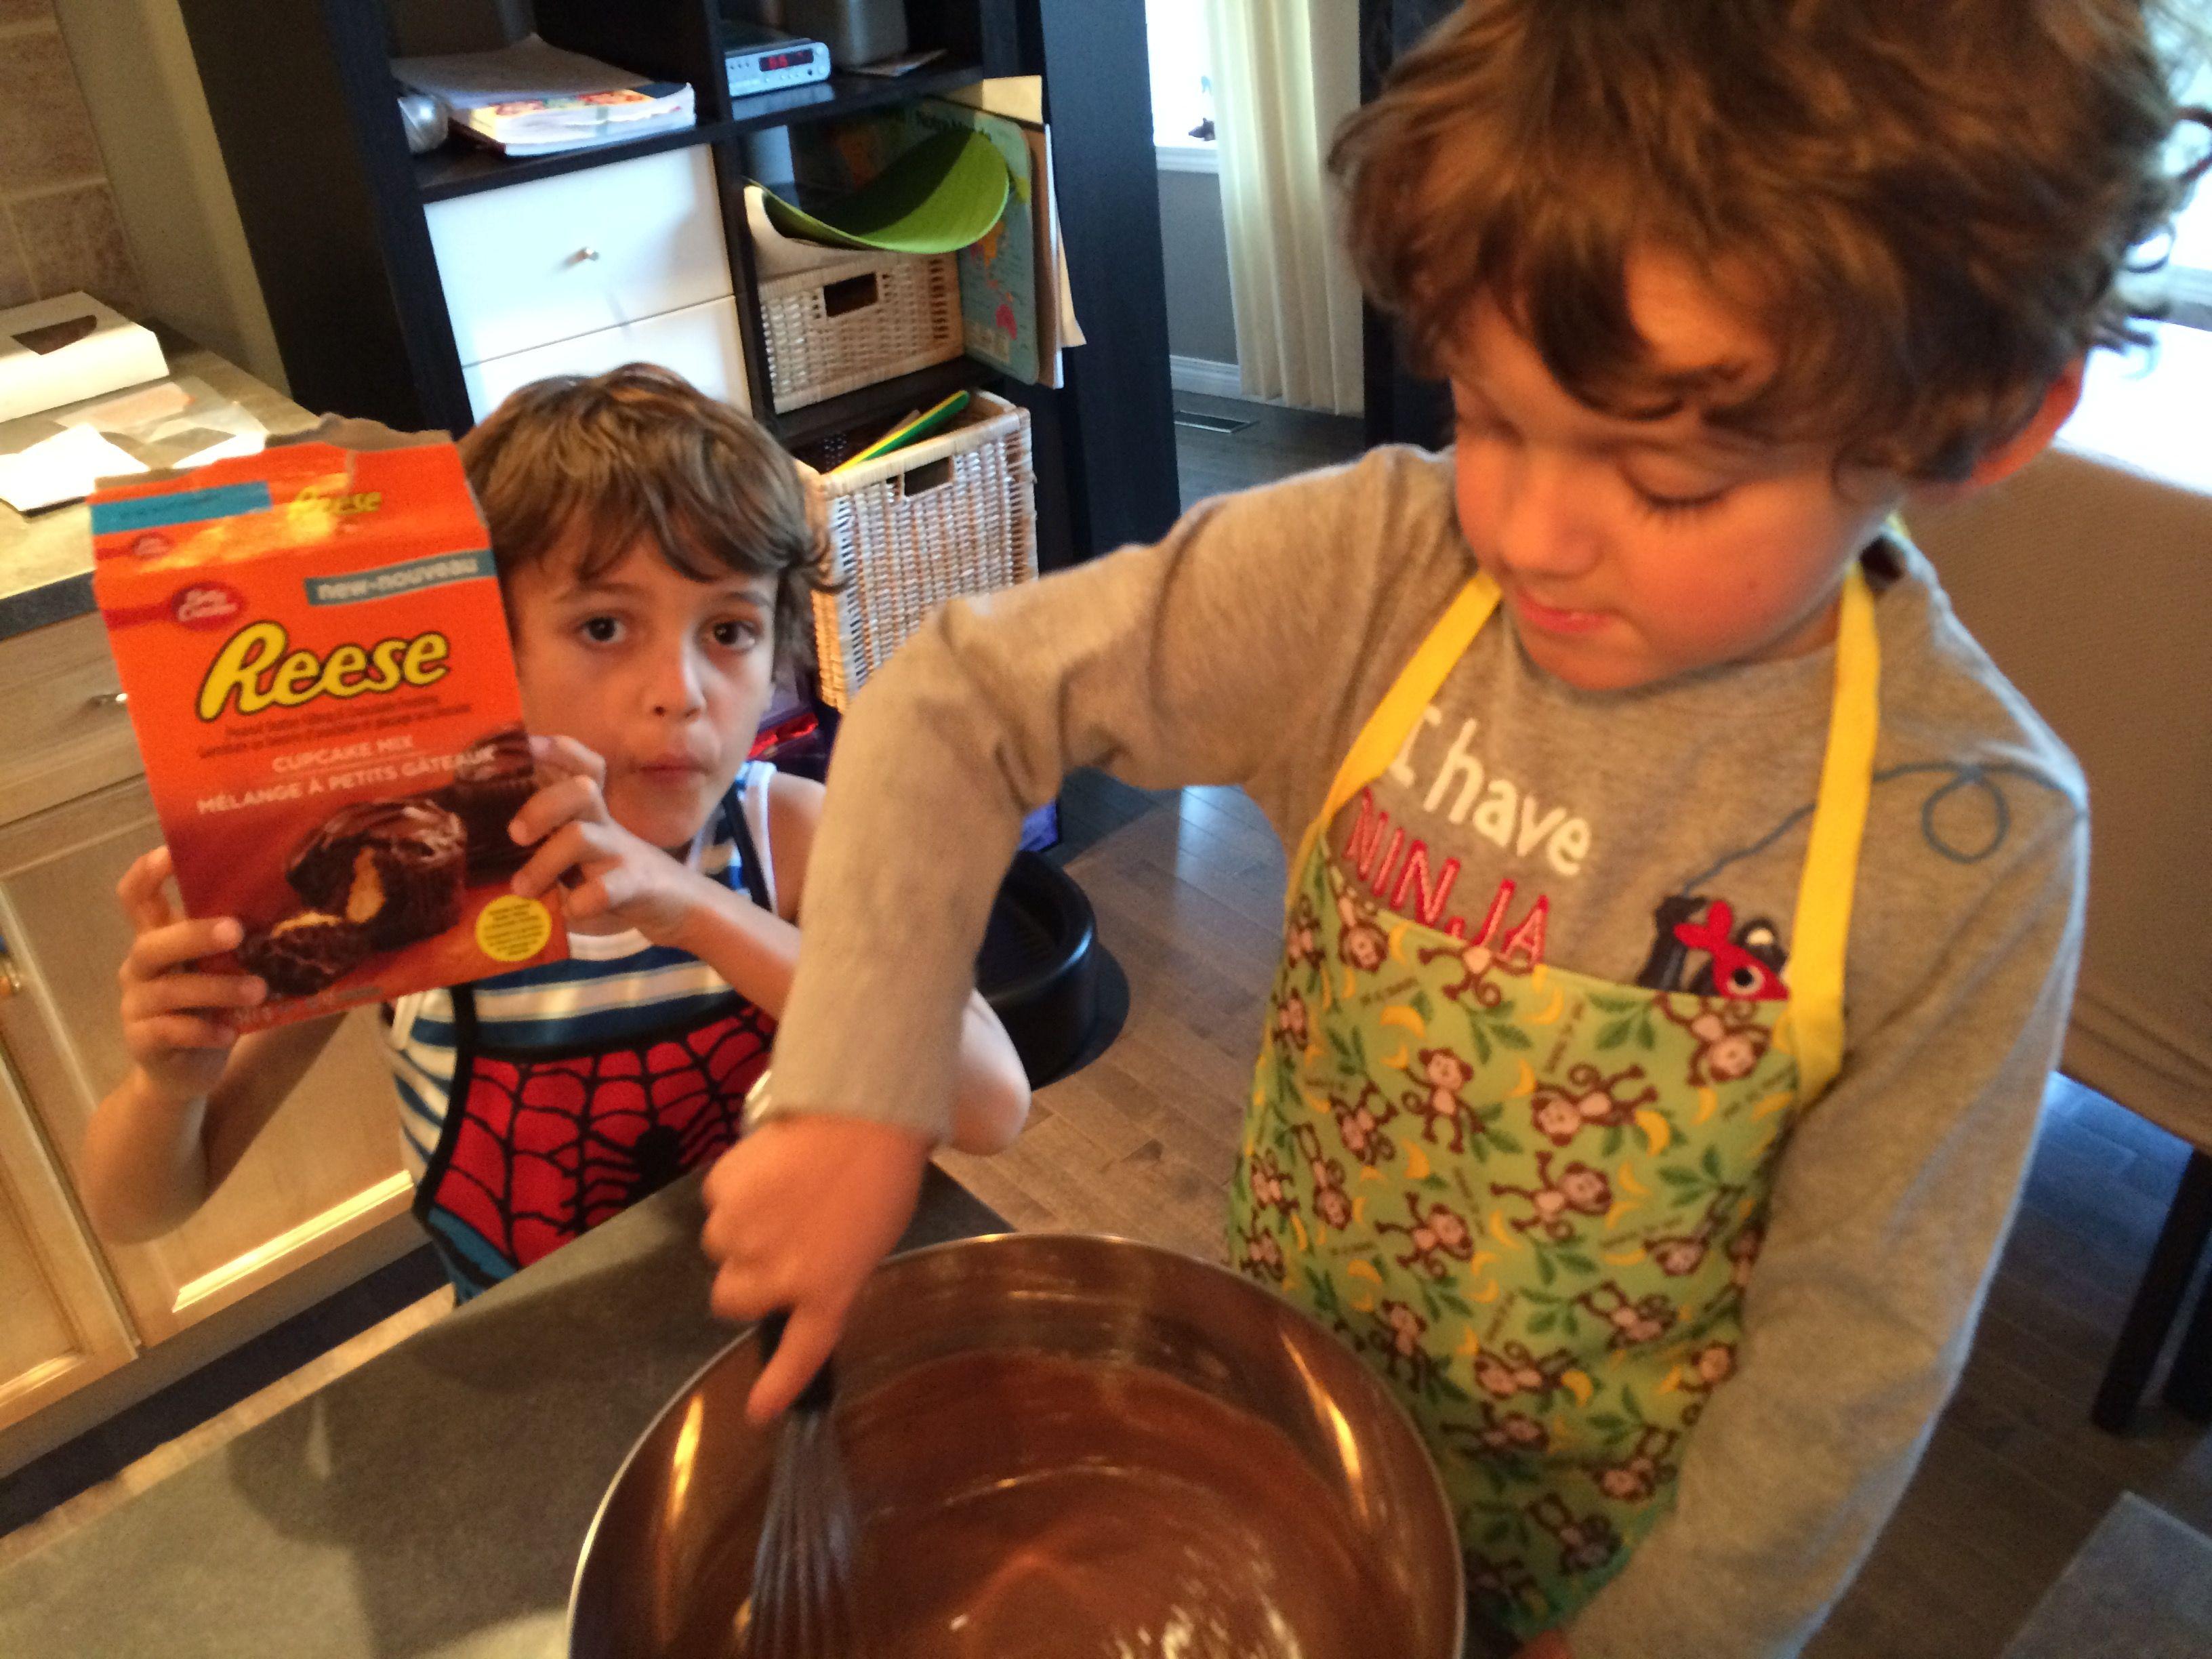 2014-09 Boys Baking Cupcakes - 1